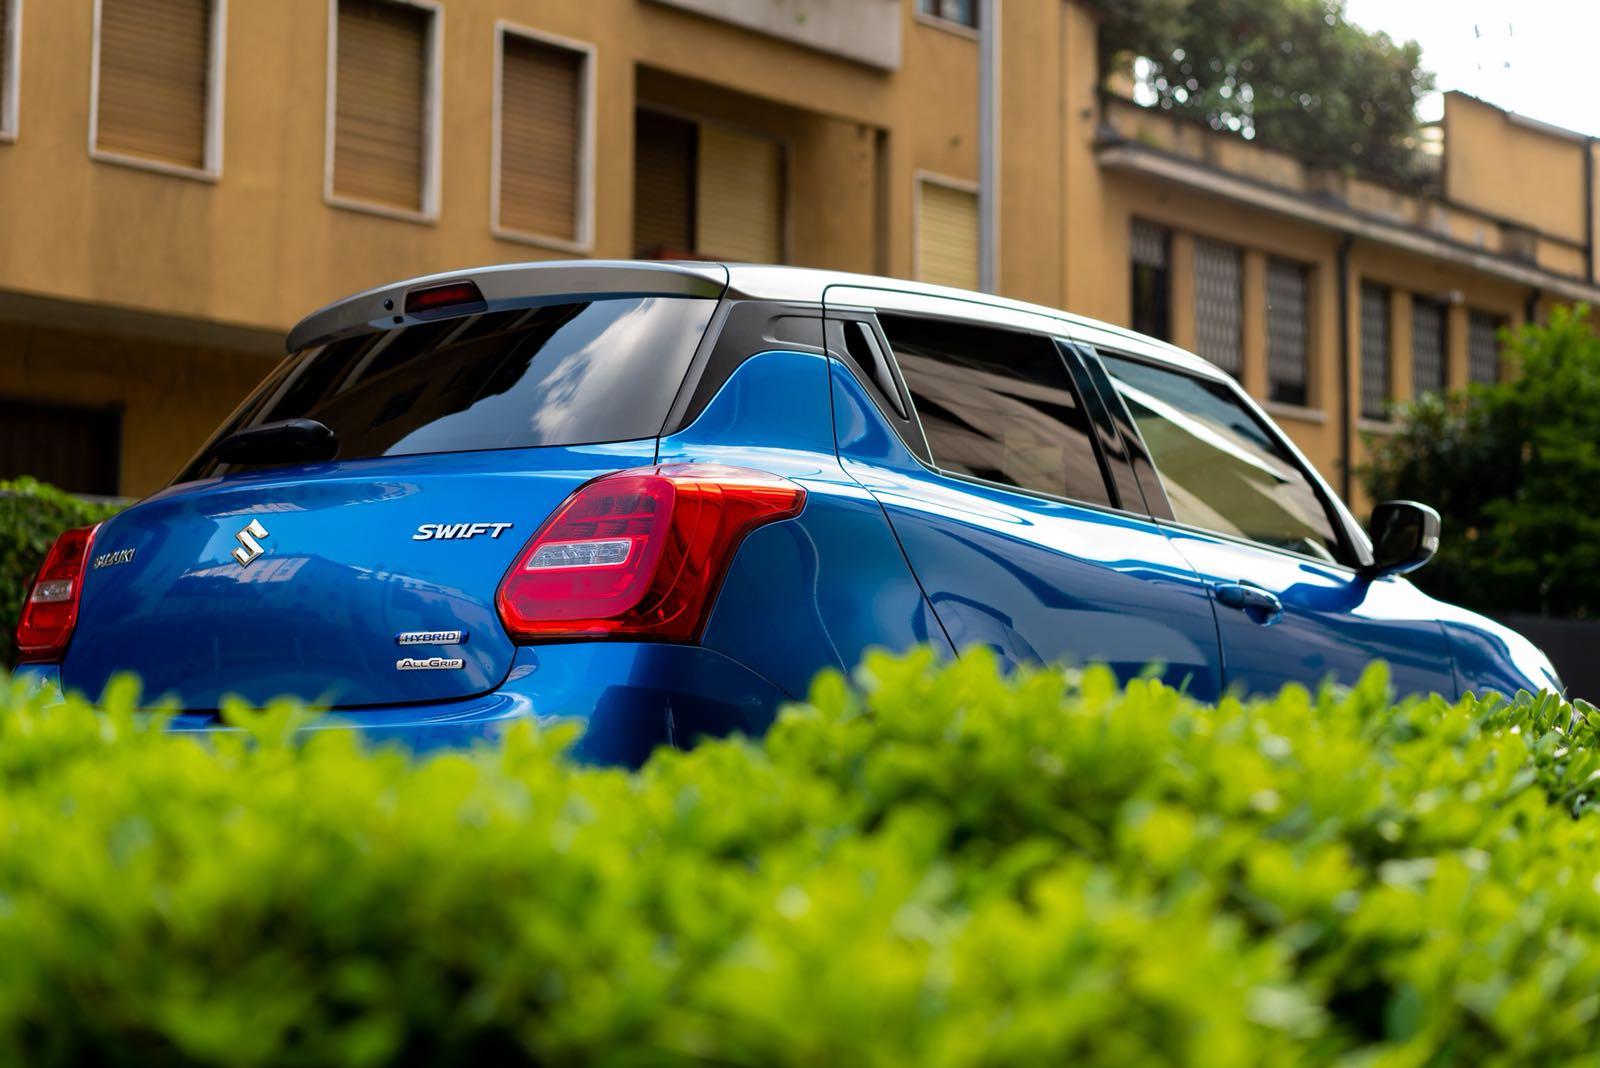 Suzuki Swift Hybrid gruppo ottico posteriore